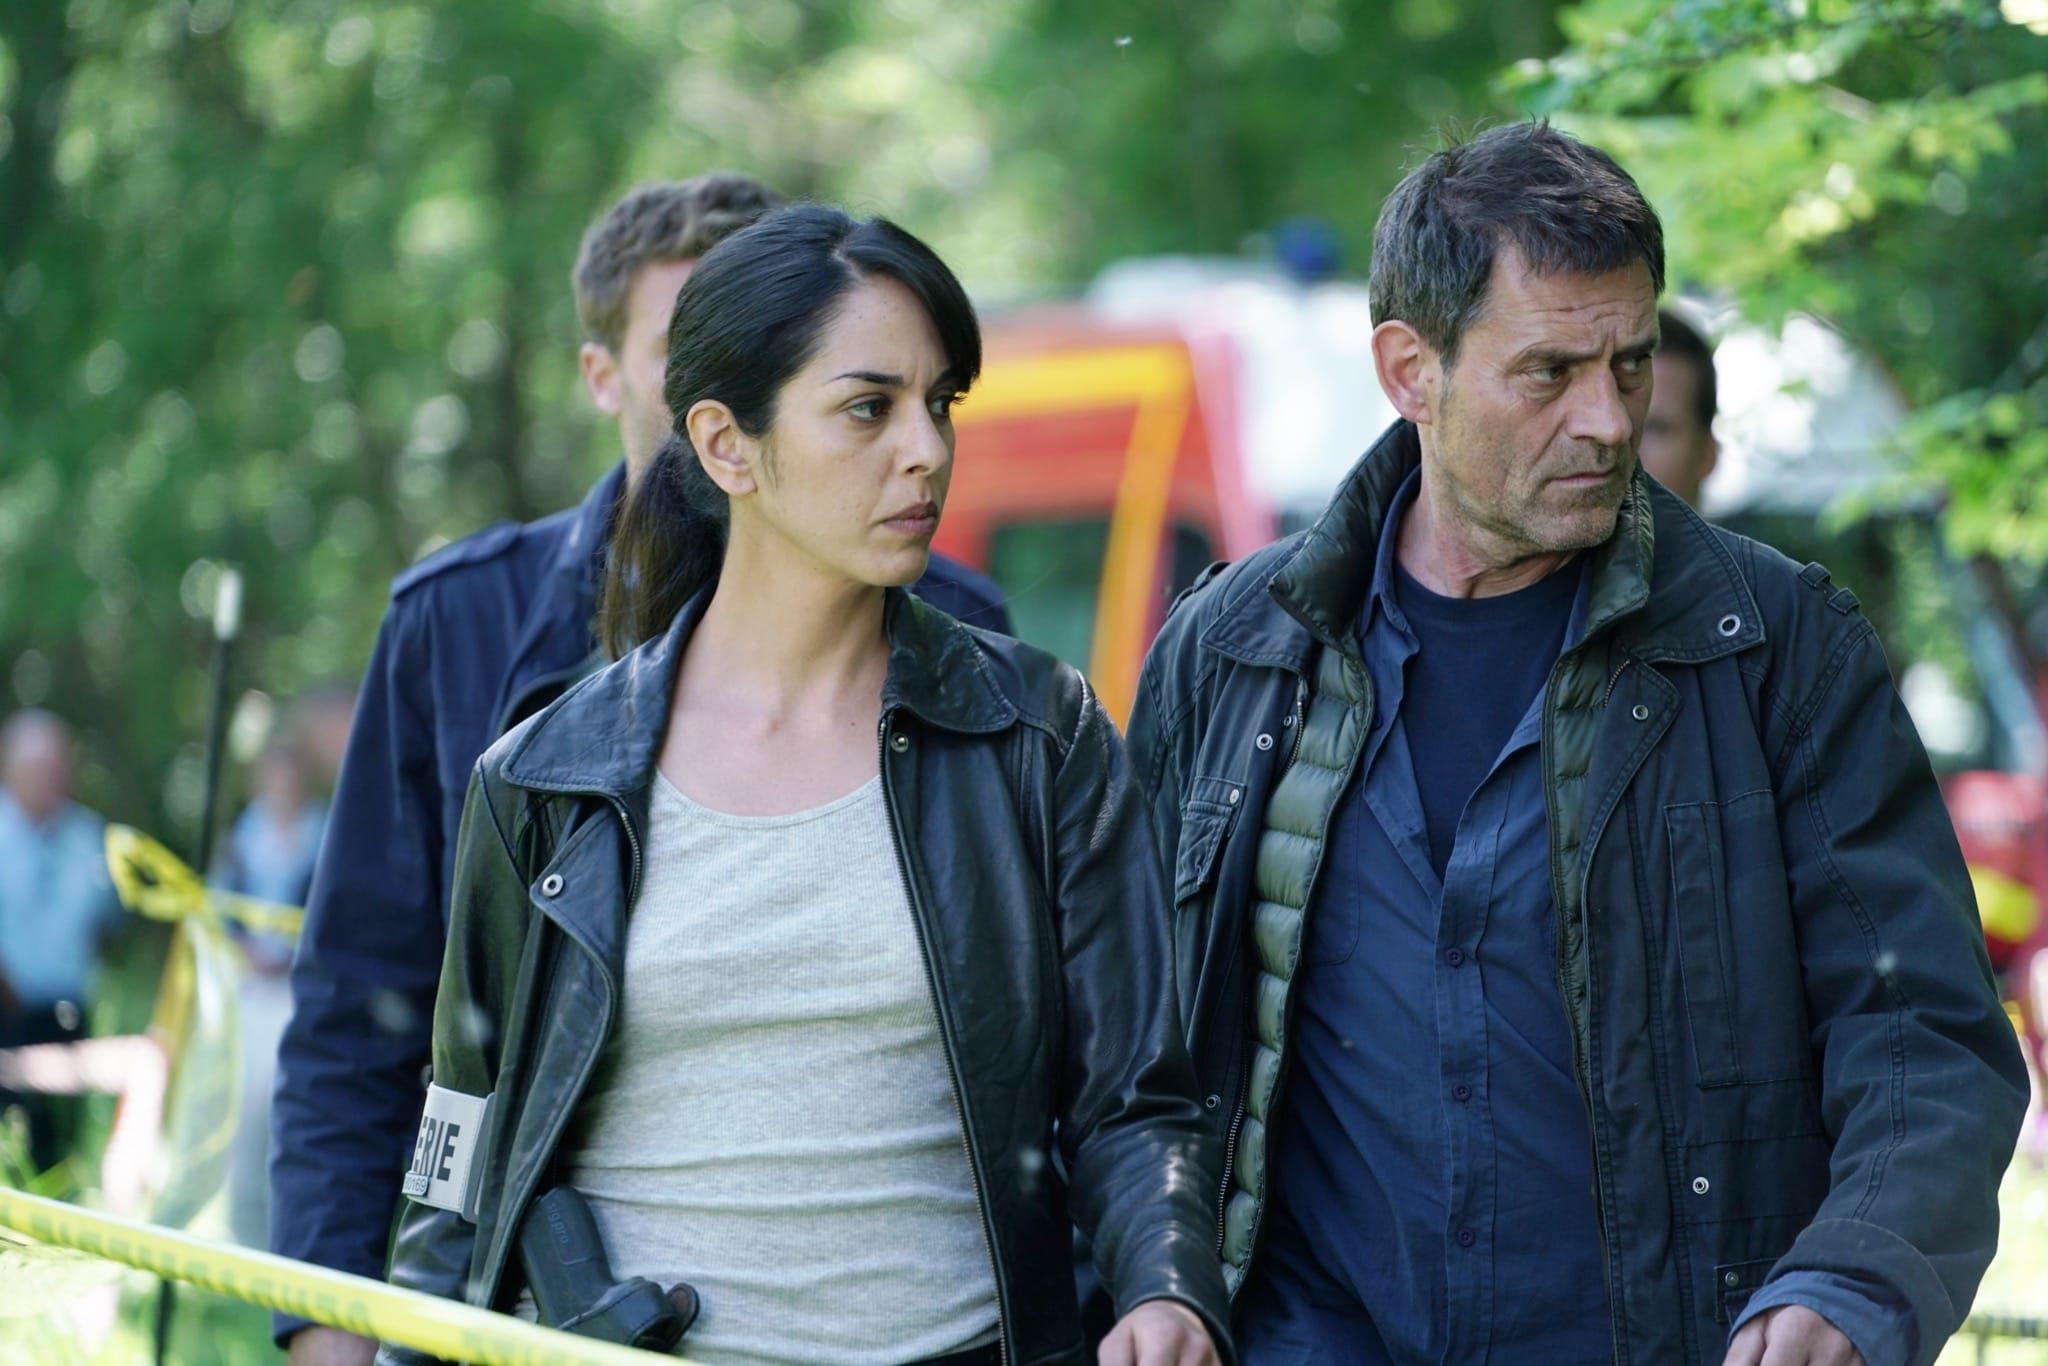 Meurtres à Brides-les-Bains d'Emmanuel Rigaut image téléfilm policier